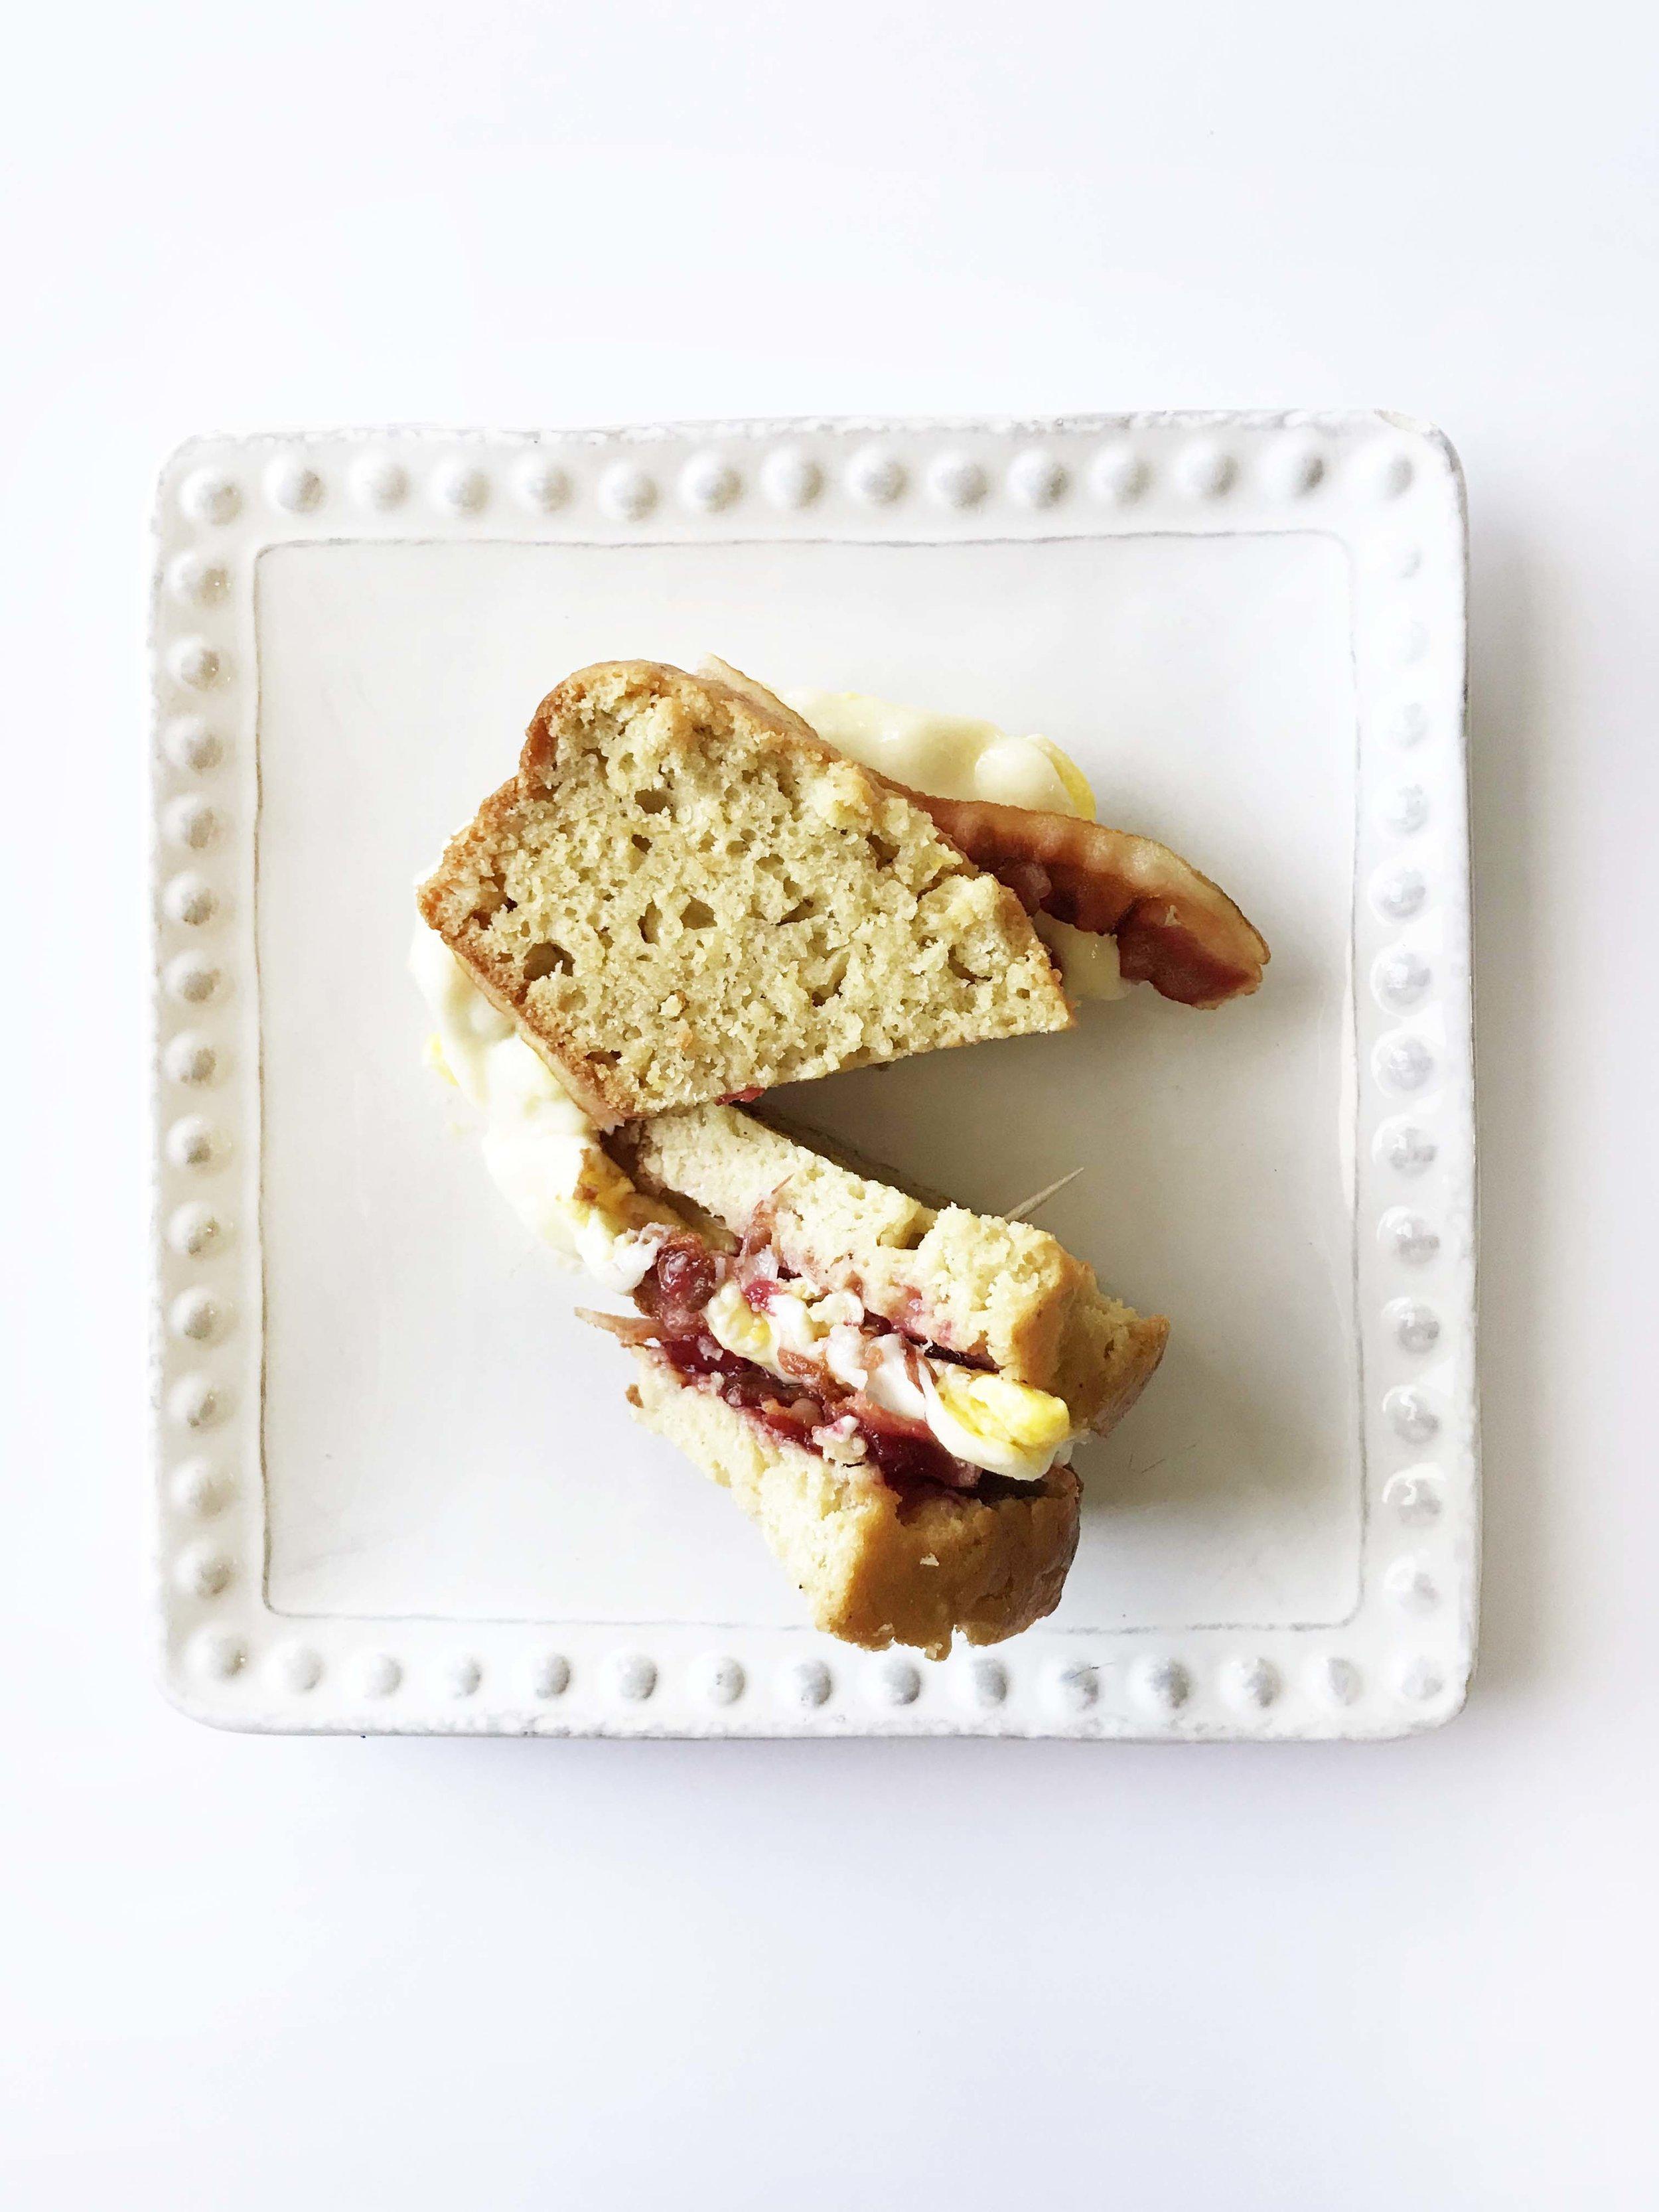 egg-nog-breakfast-sandwich7.jpg